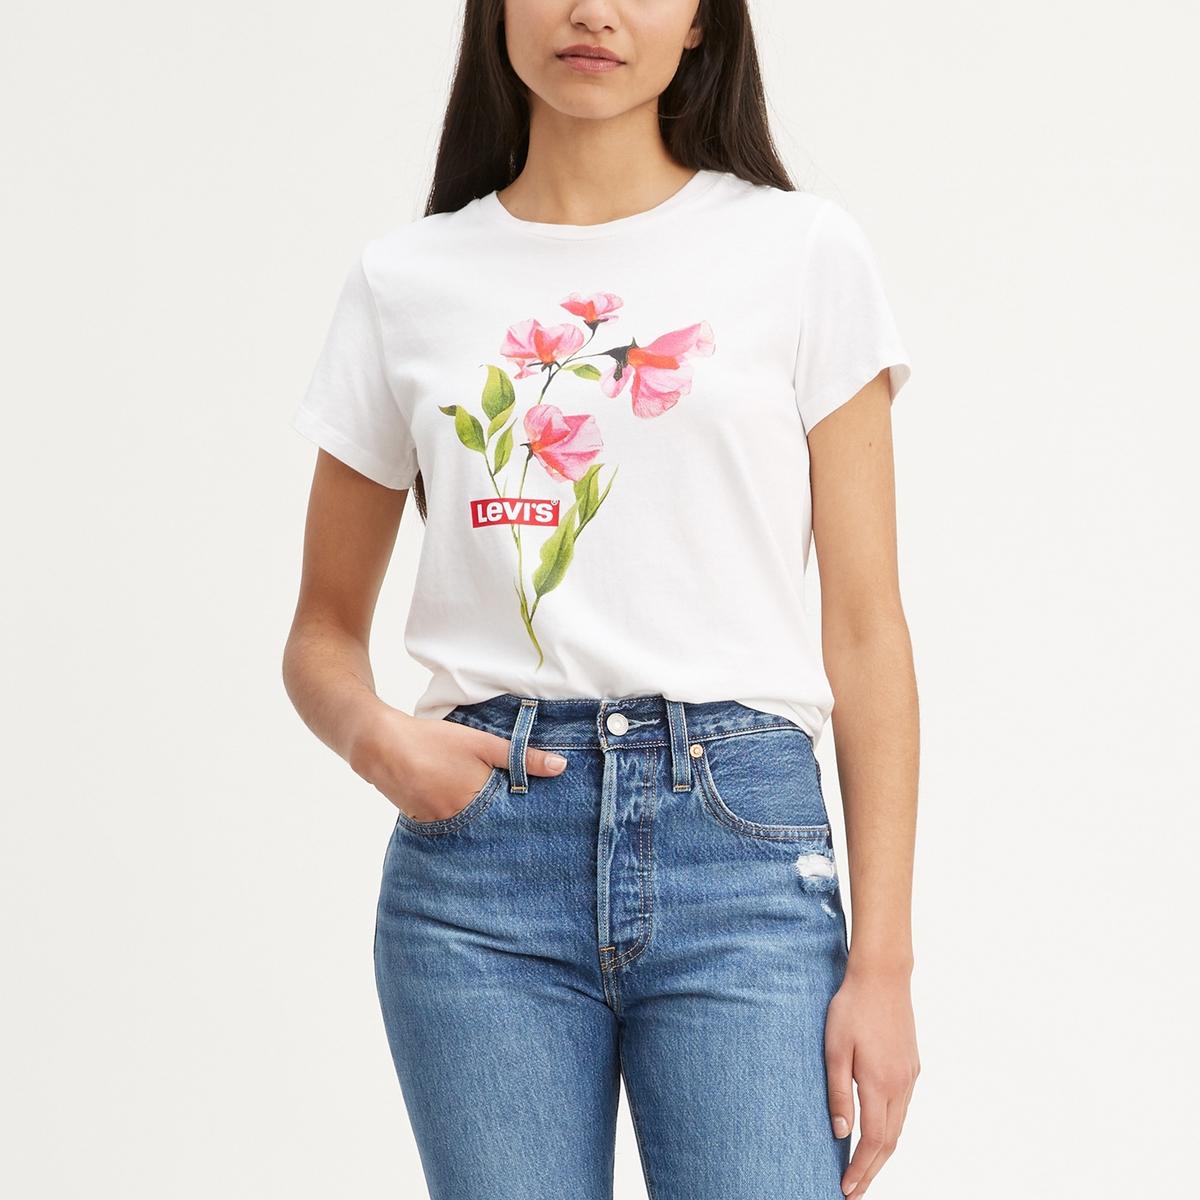 Camiseta de manga corta con motivo de flores